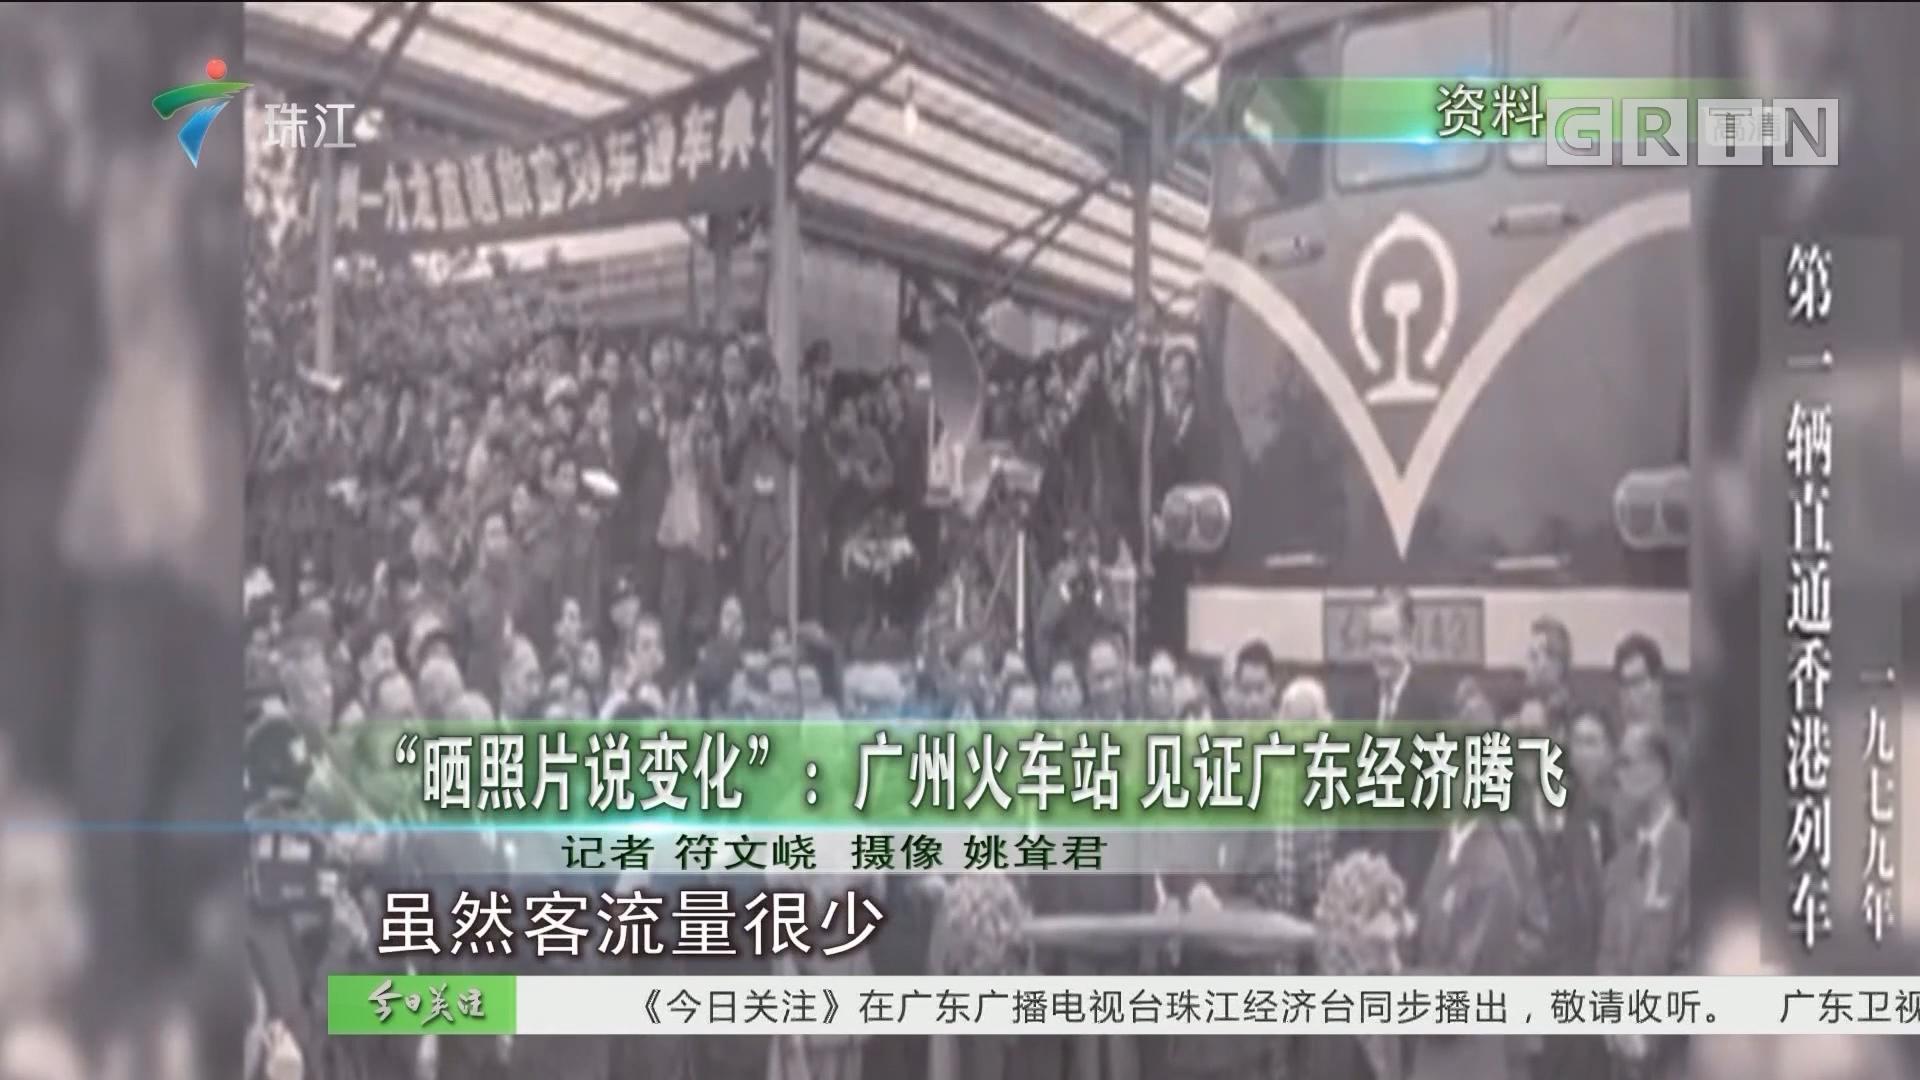 """""""晒照片说变化"""":广州火车站 见证广东经济腾飞"""